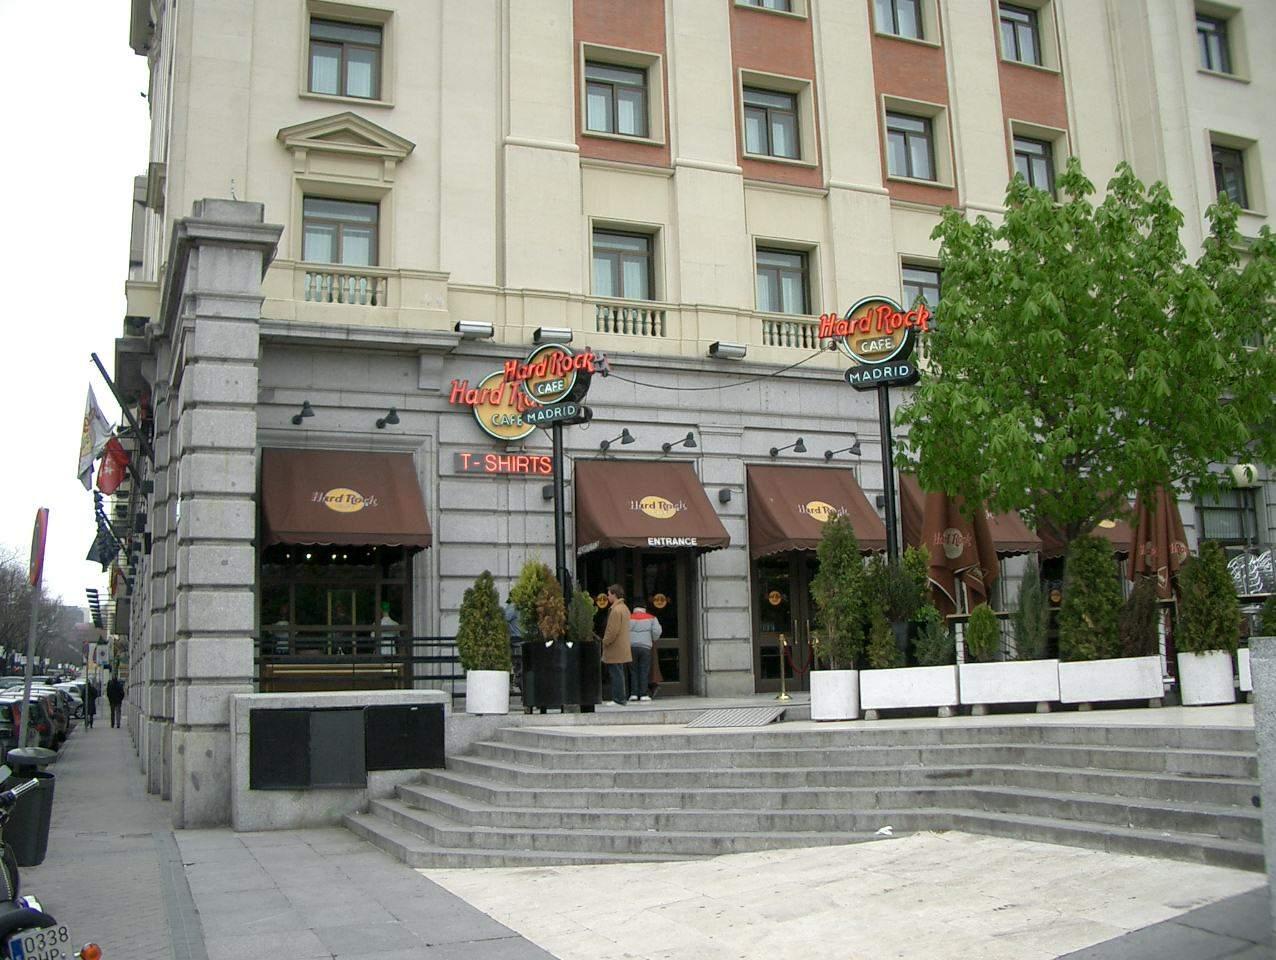 Hard Rock Cafe Madrid Metro